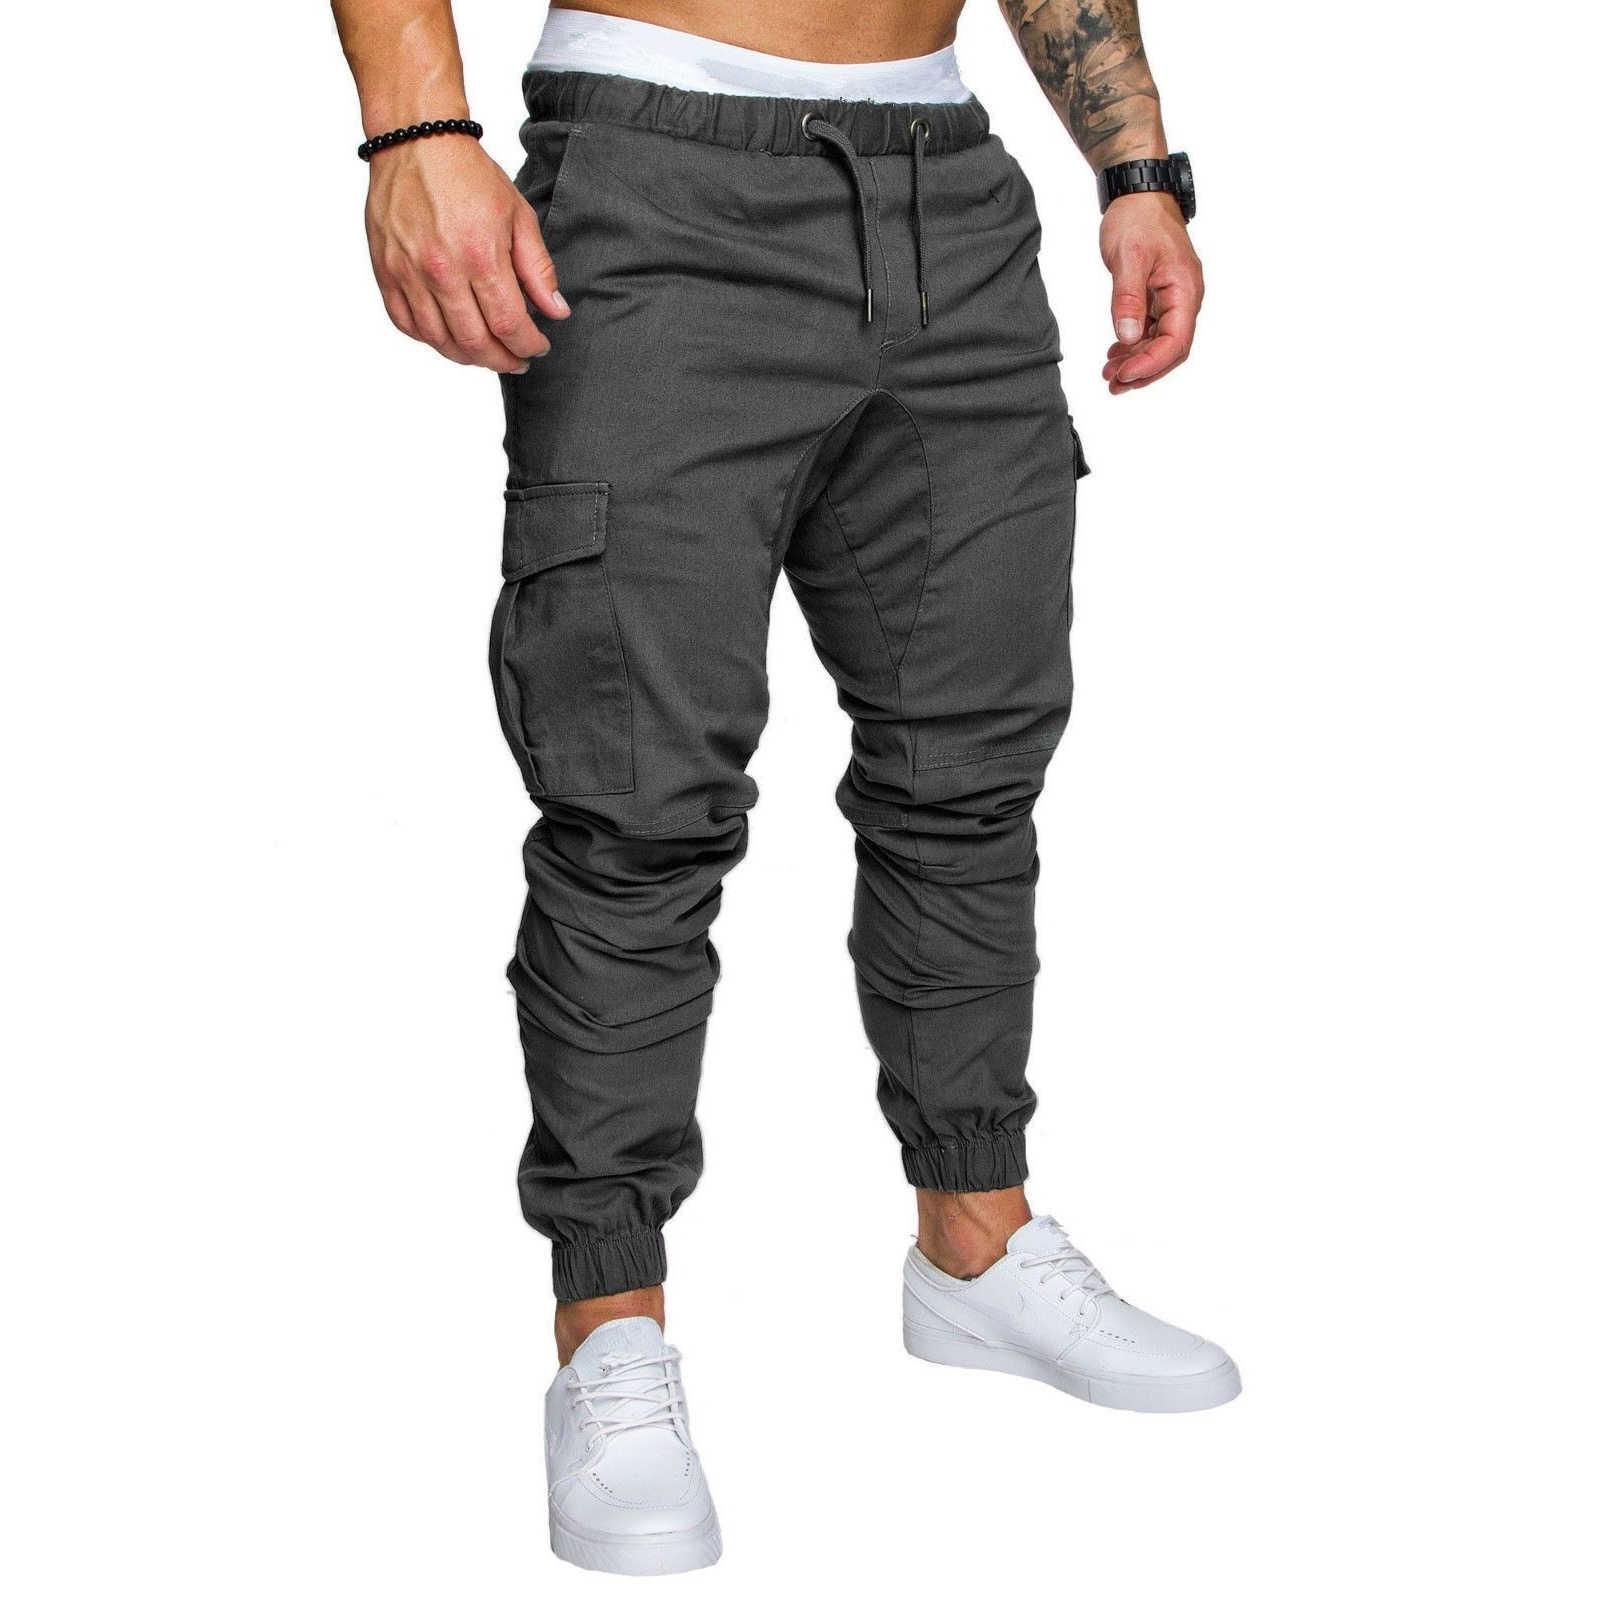 Mrmt 2021 Marca De Los Nuevos Hombres De Moda Casual Pantalones Elasticos Pantalones Tether Para Hombre Solido Pantalon De Color Pantalones Informales Aliexpress